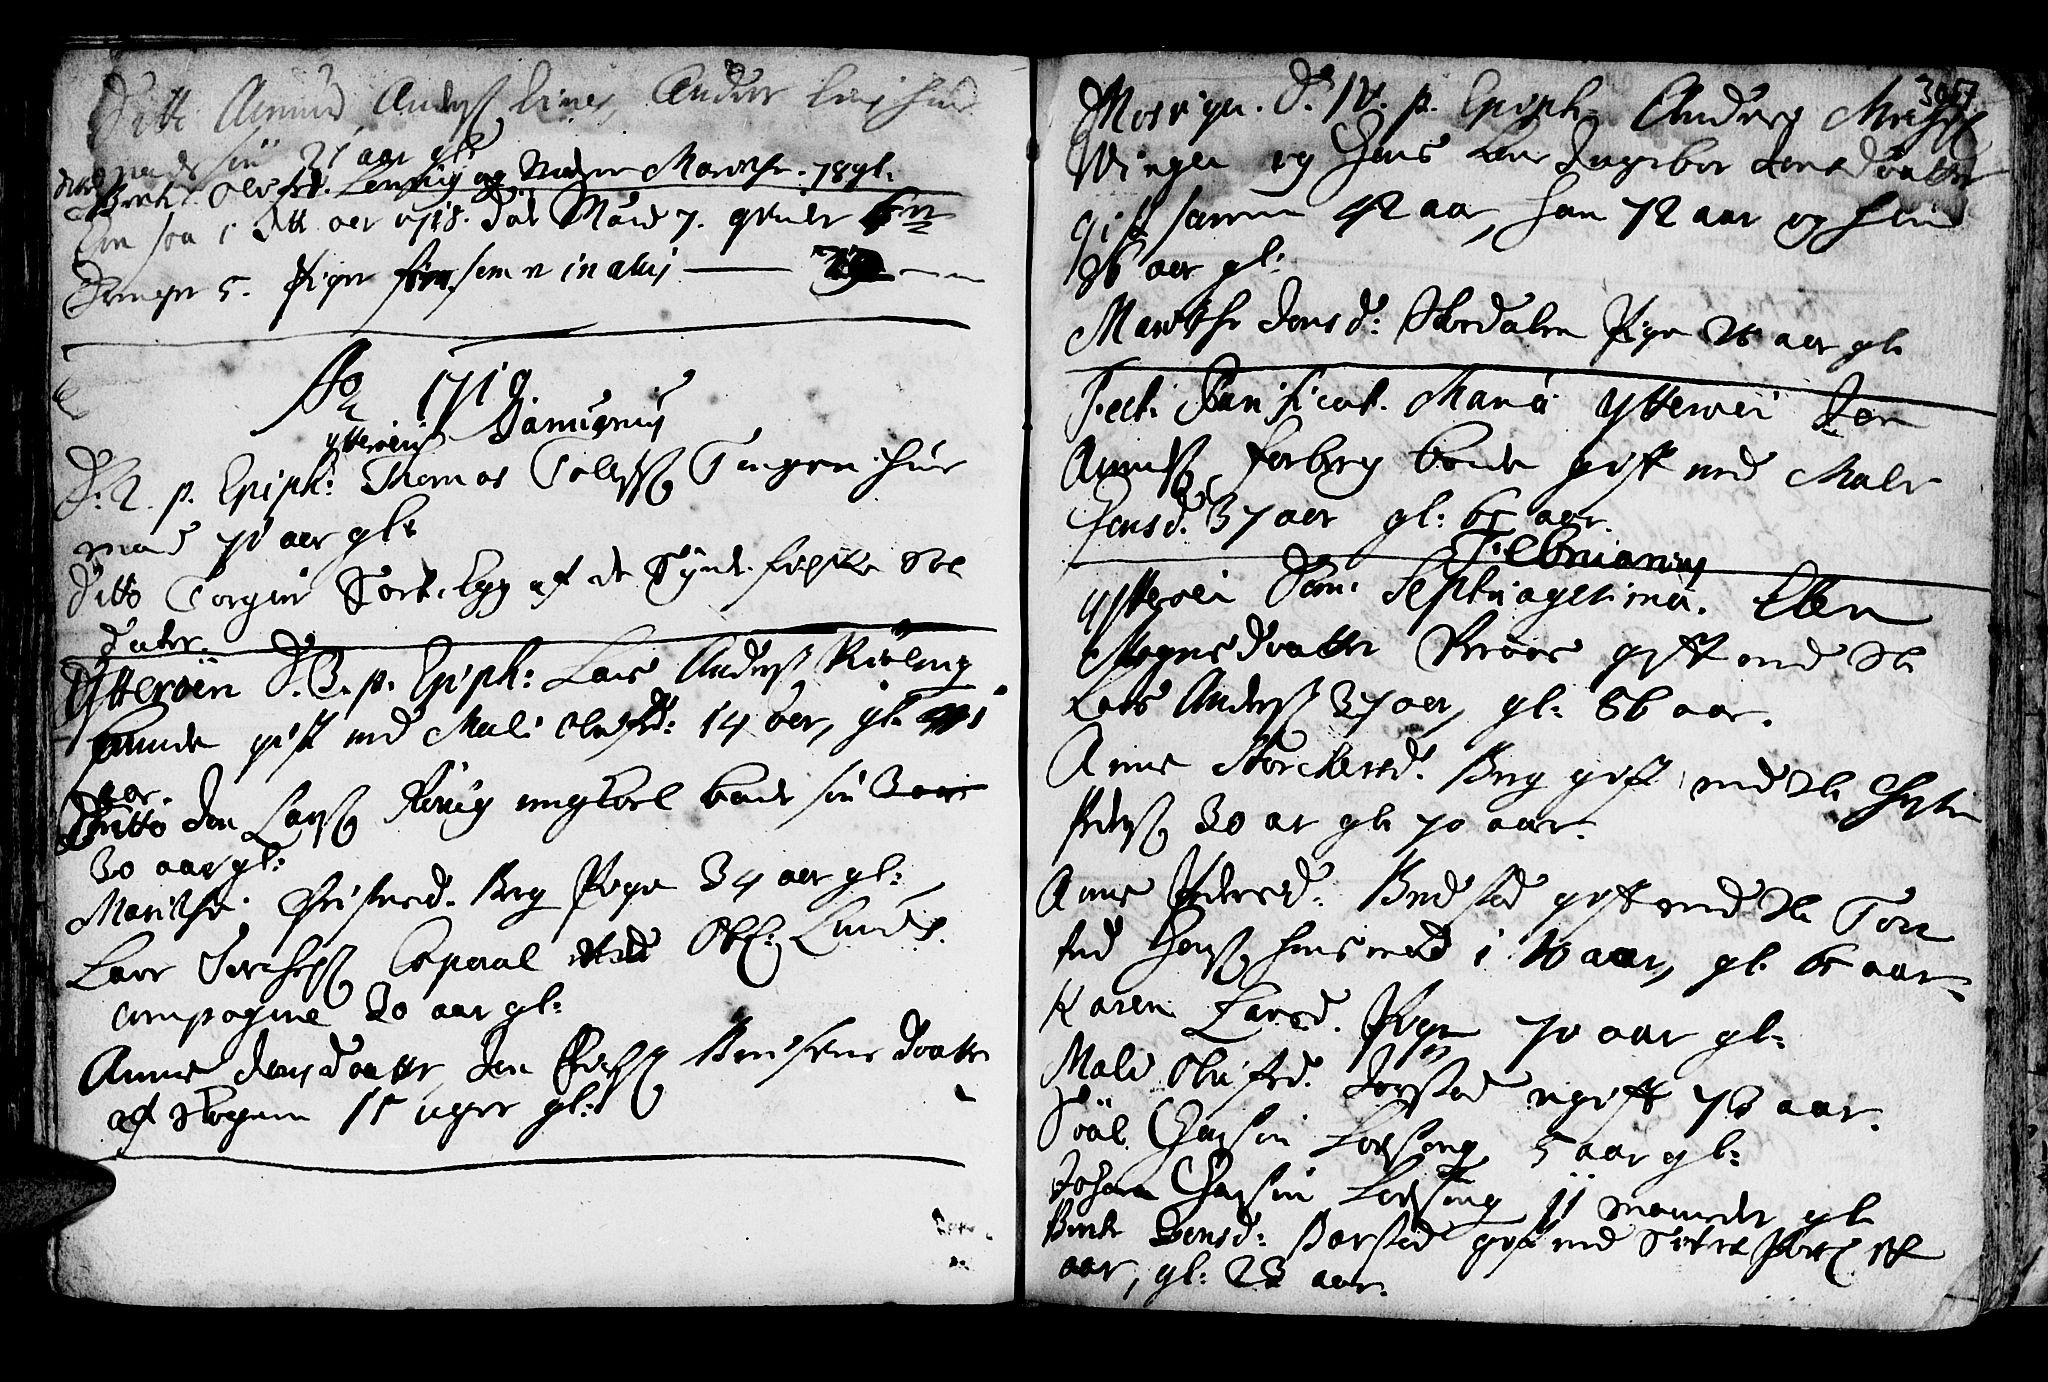 SAT, Ministerialprotokoller, klokkerbøker og fødselsregistre - Nord-Trøndelag, 722/L0215: Ministerialbok nr. 722A02, 1718-1755, s. 307